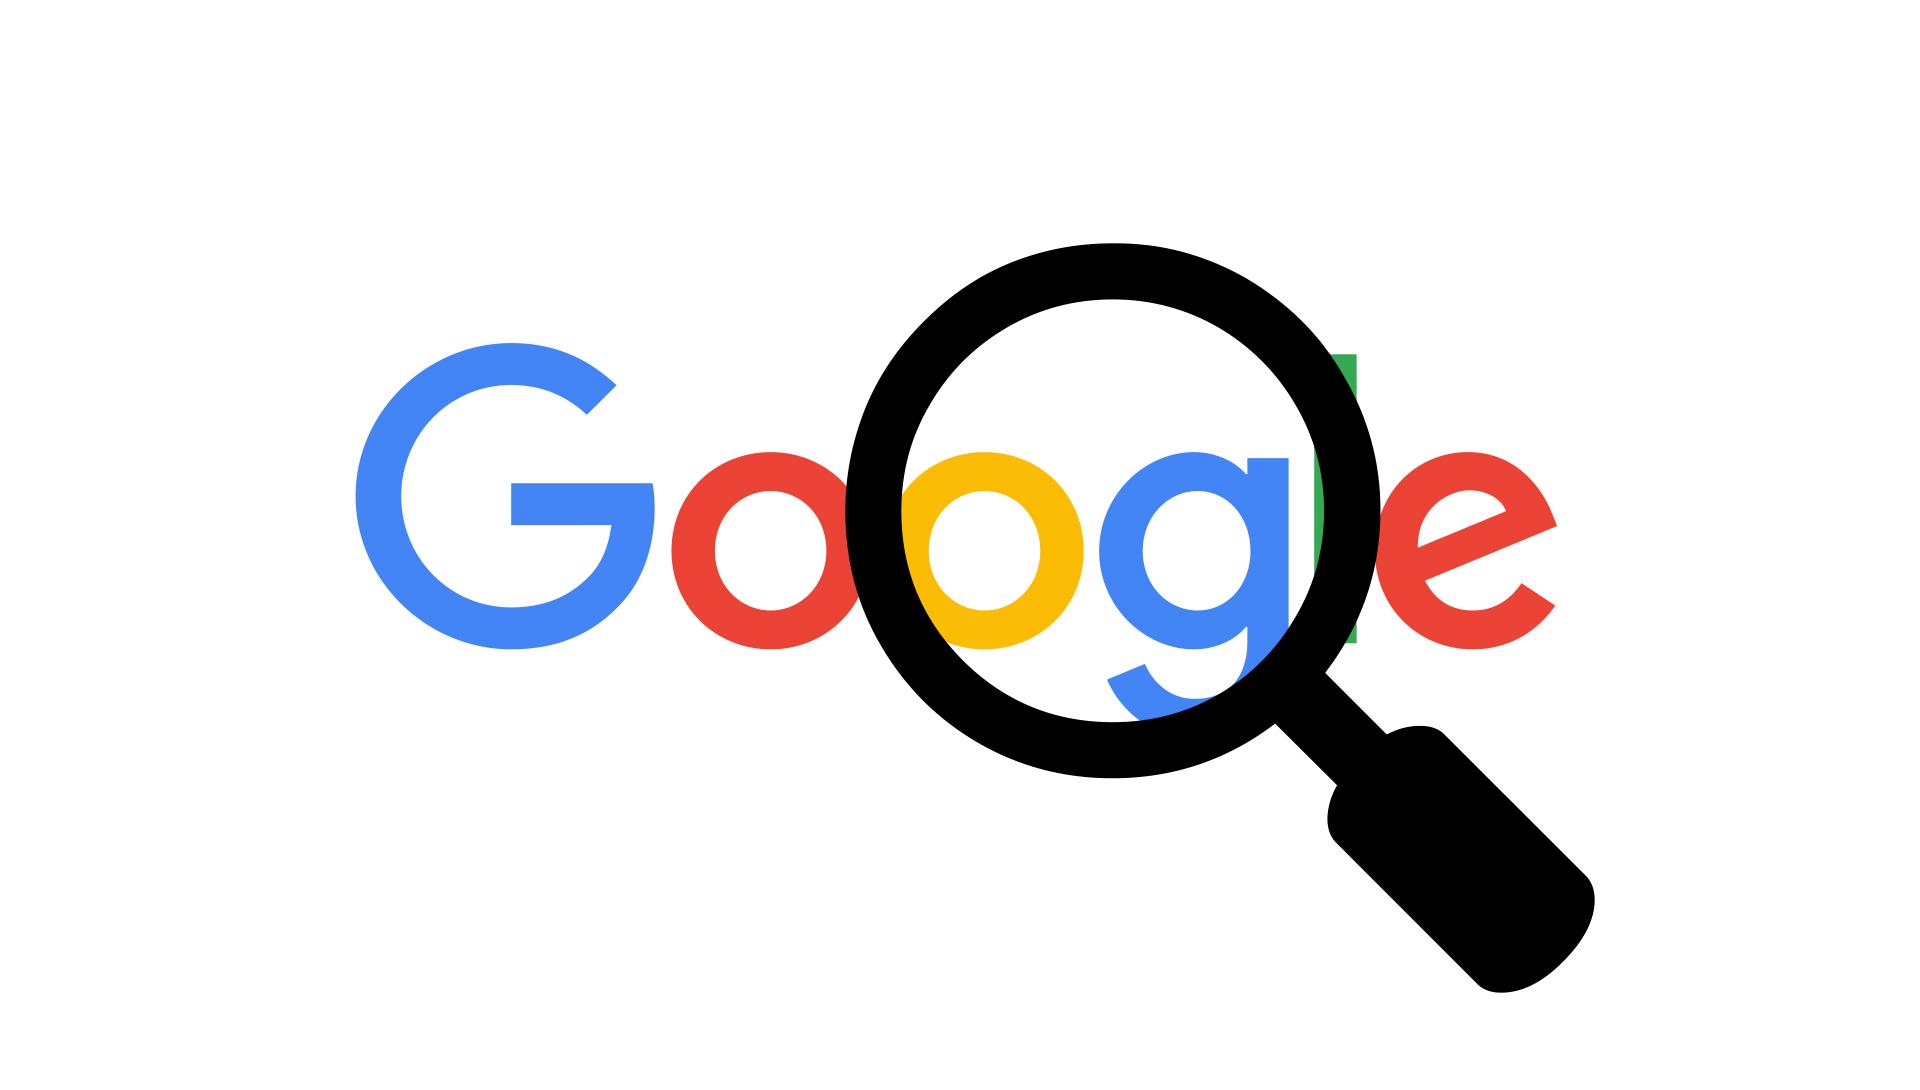 Google ba ansatte slette internt notat om kinesisk søkemotorapp